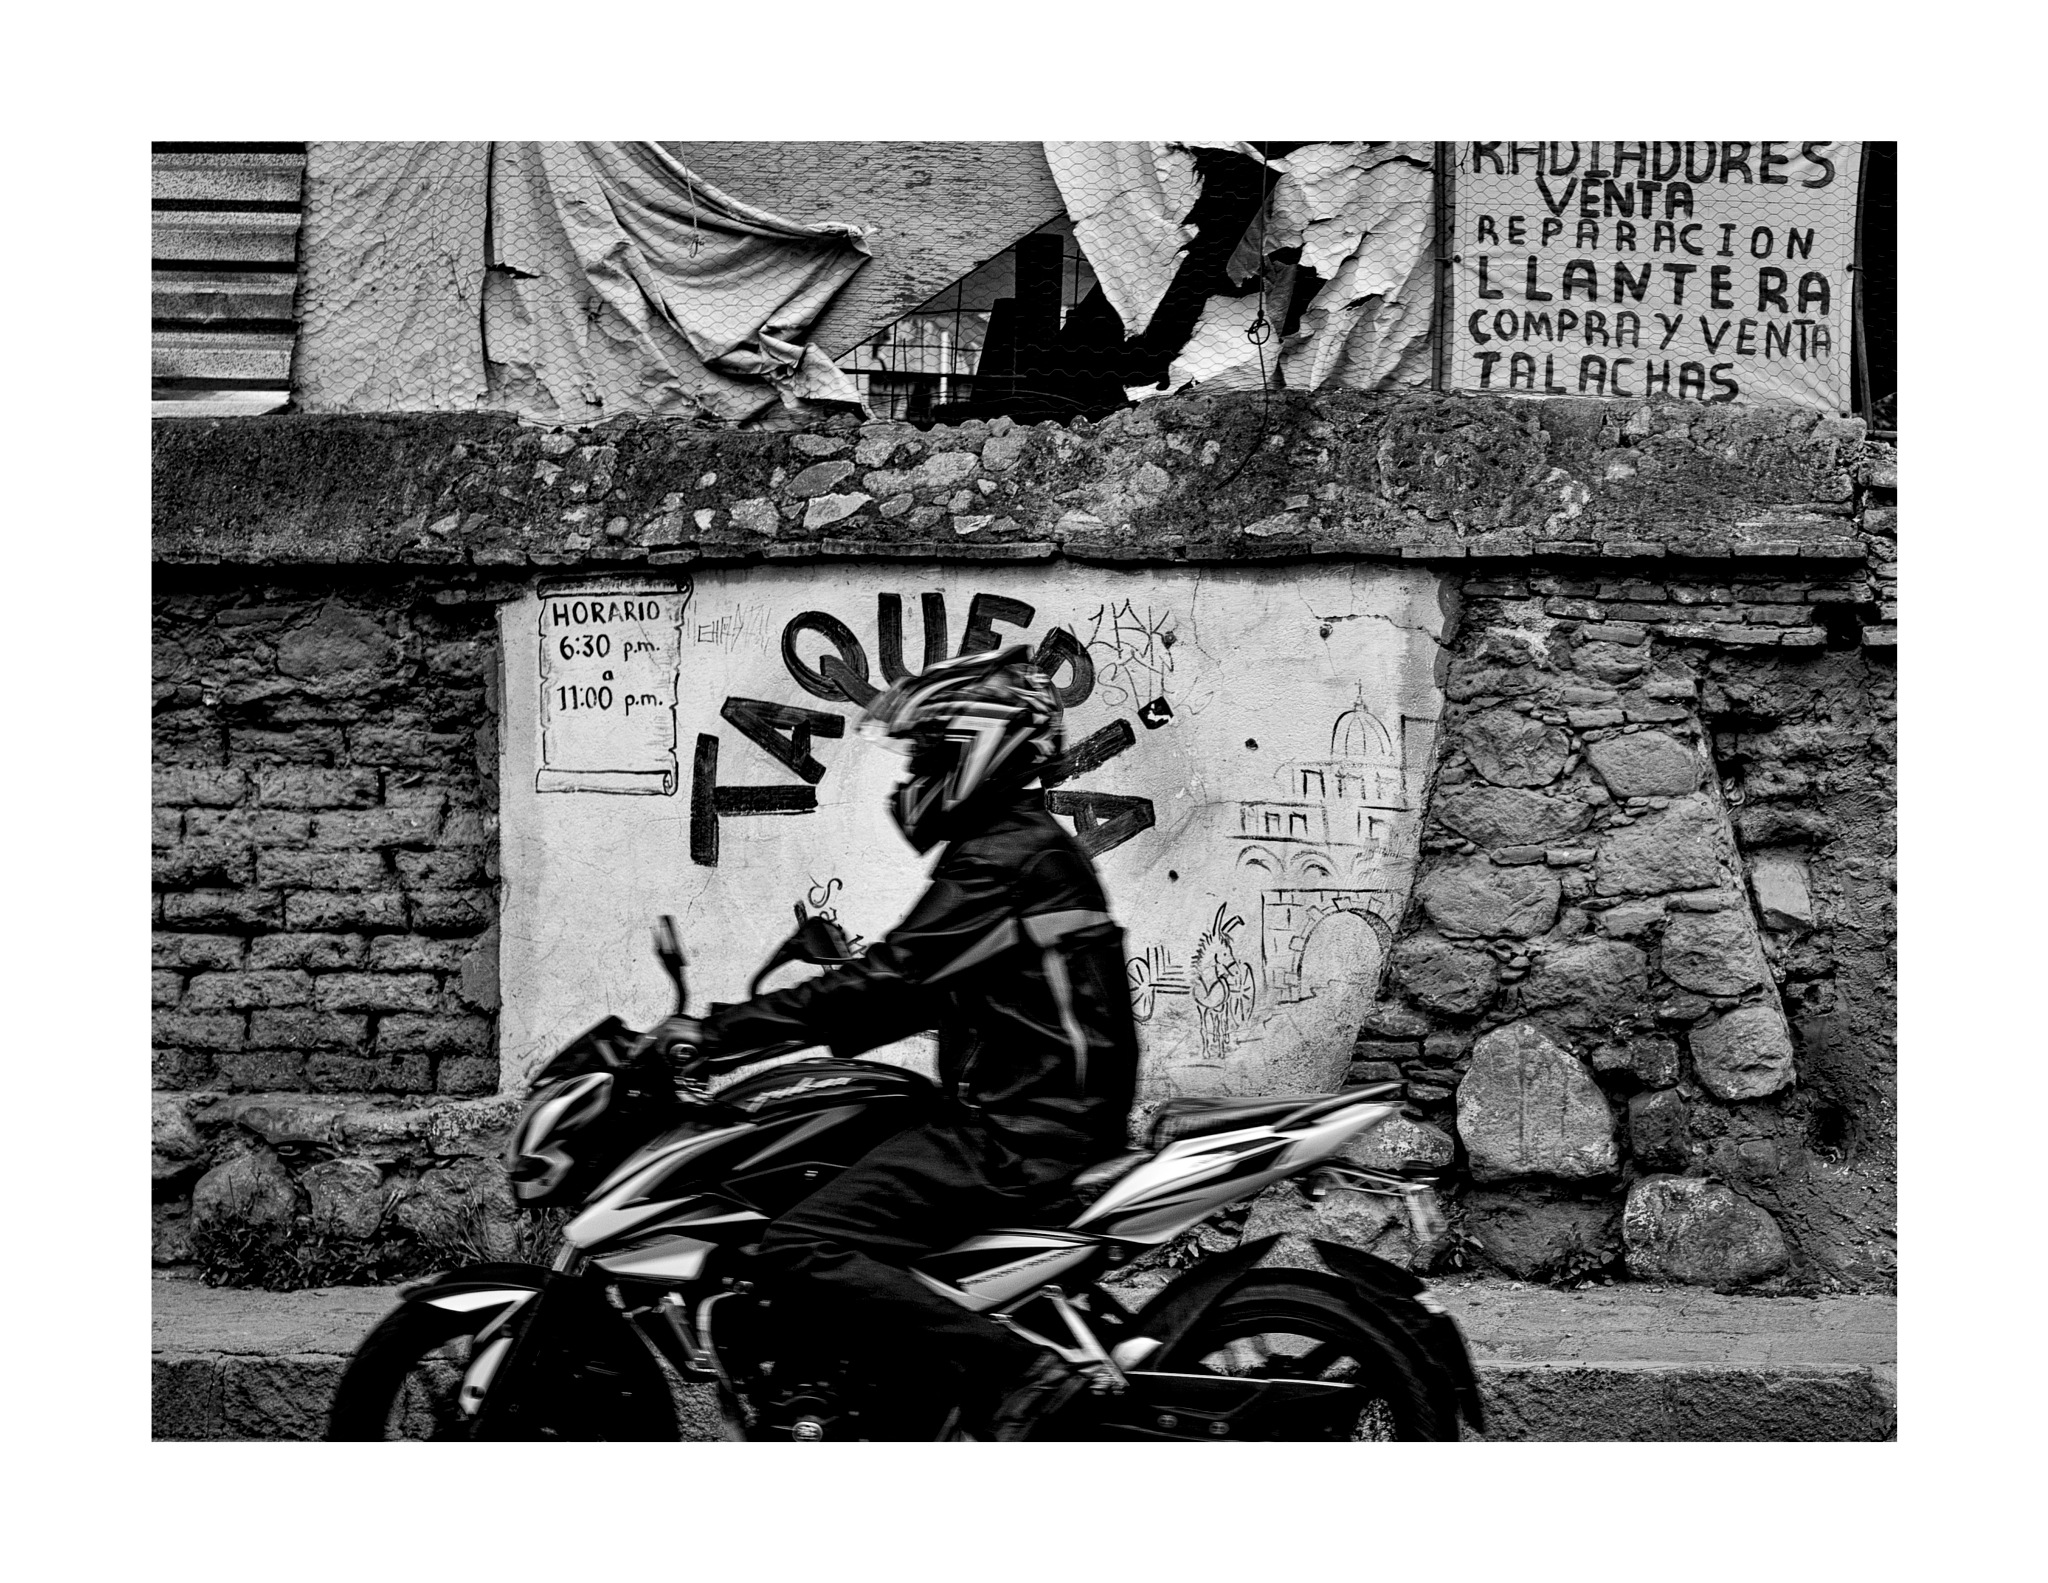 Moto Taqueria by jhulton